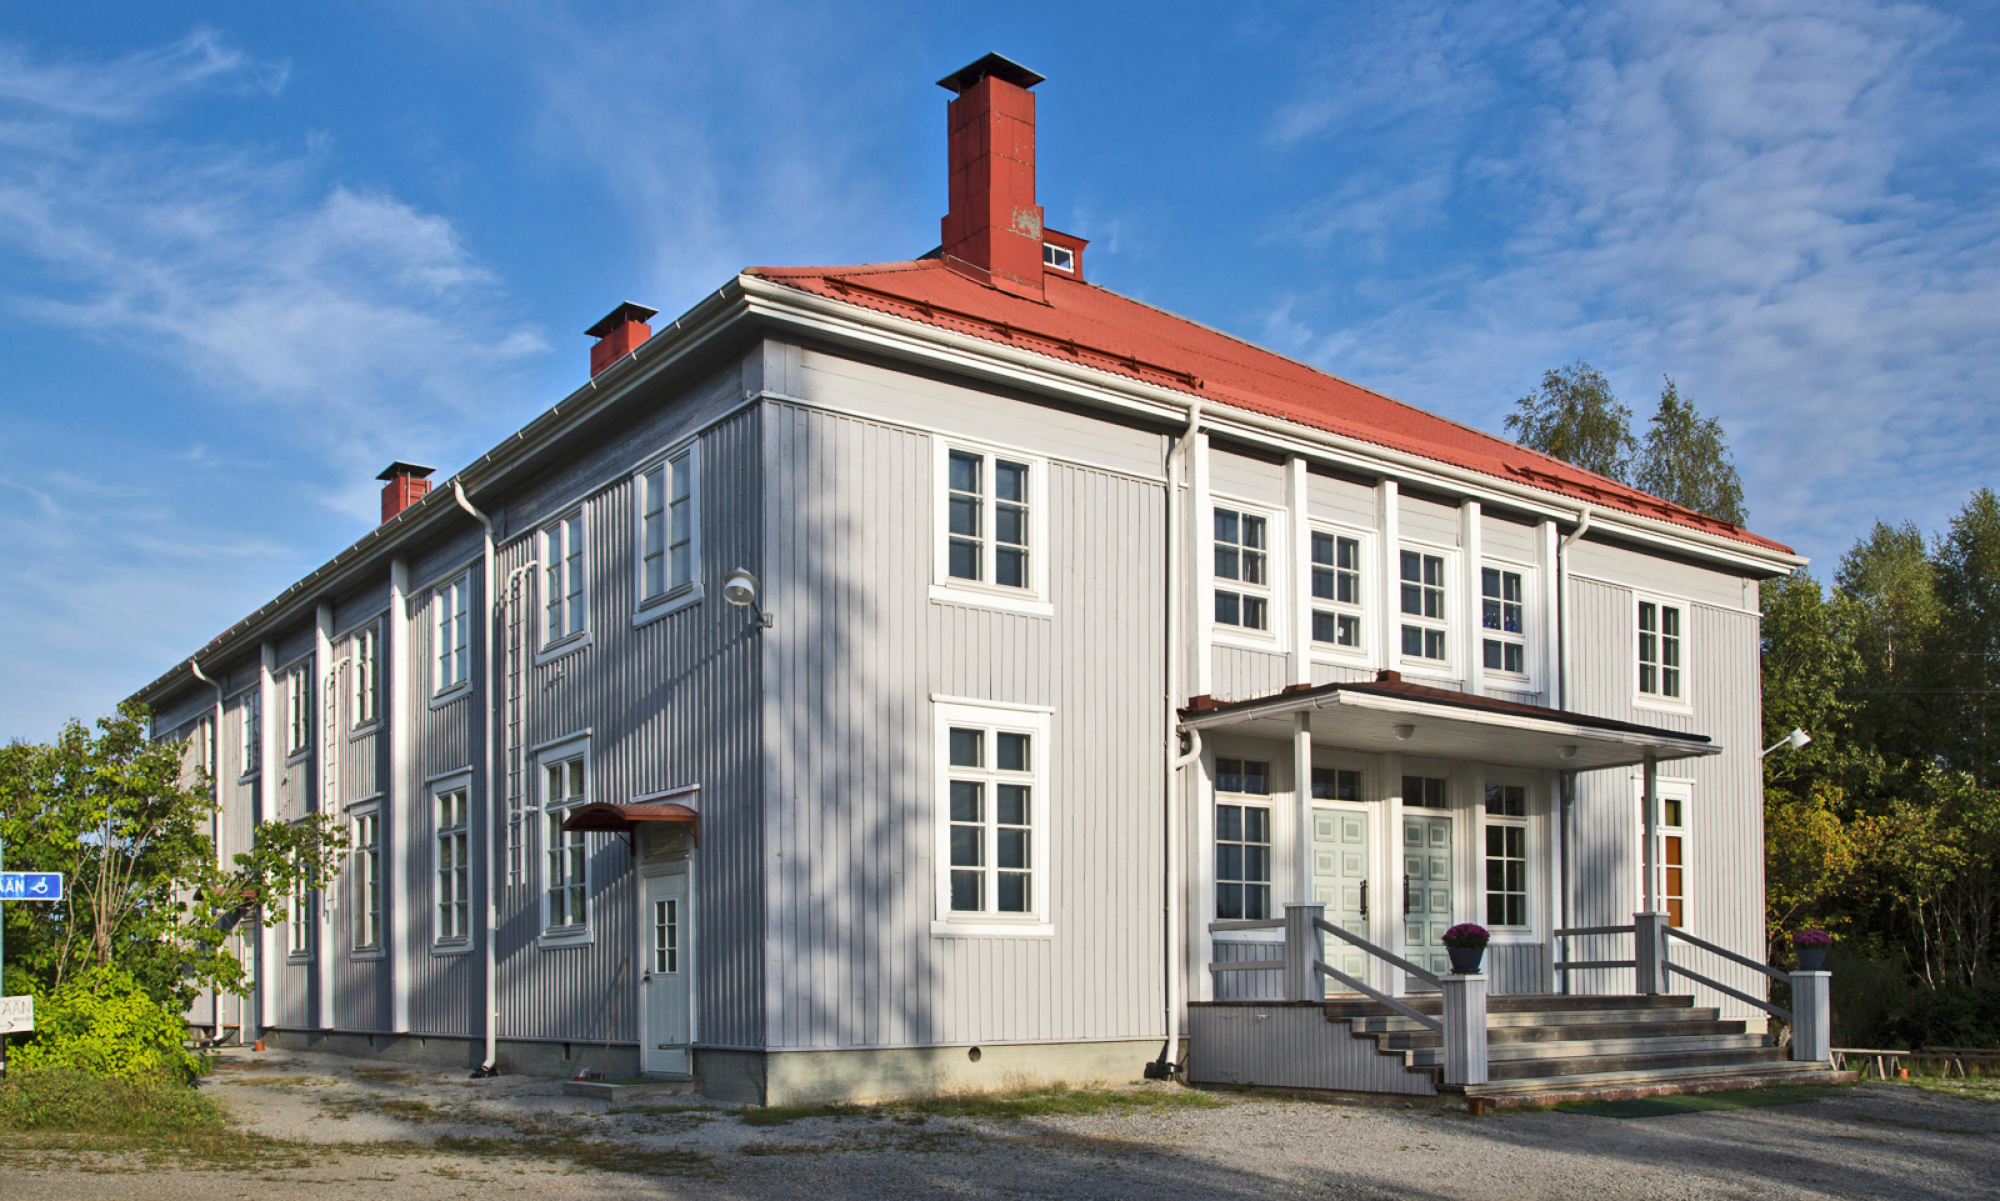 Narvan seurantalo